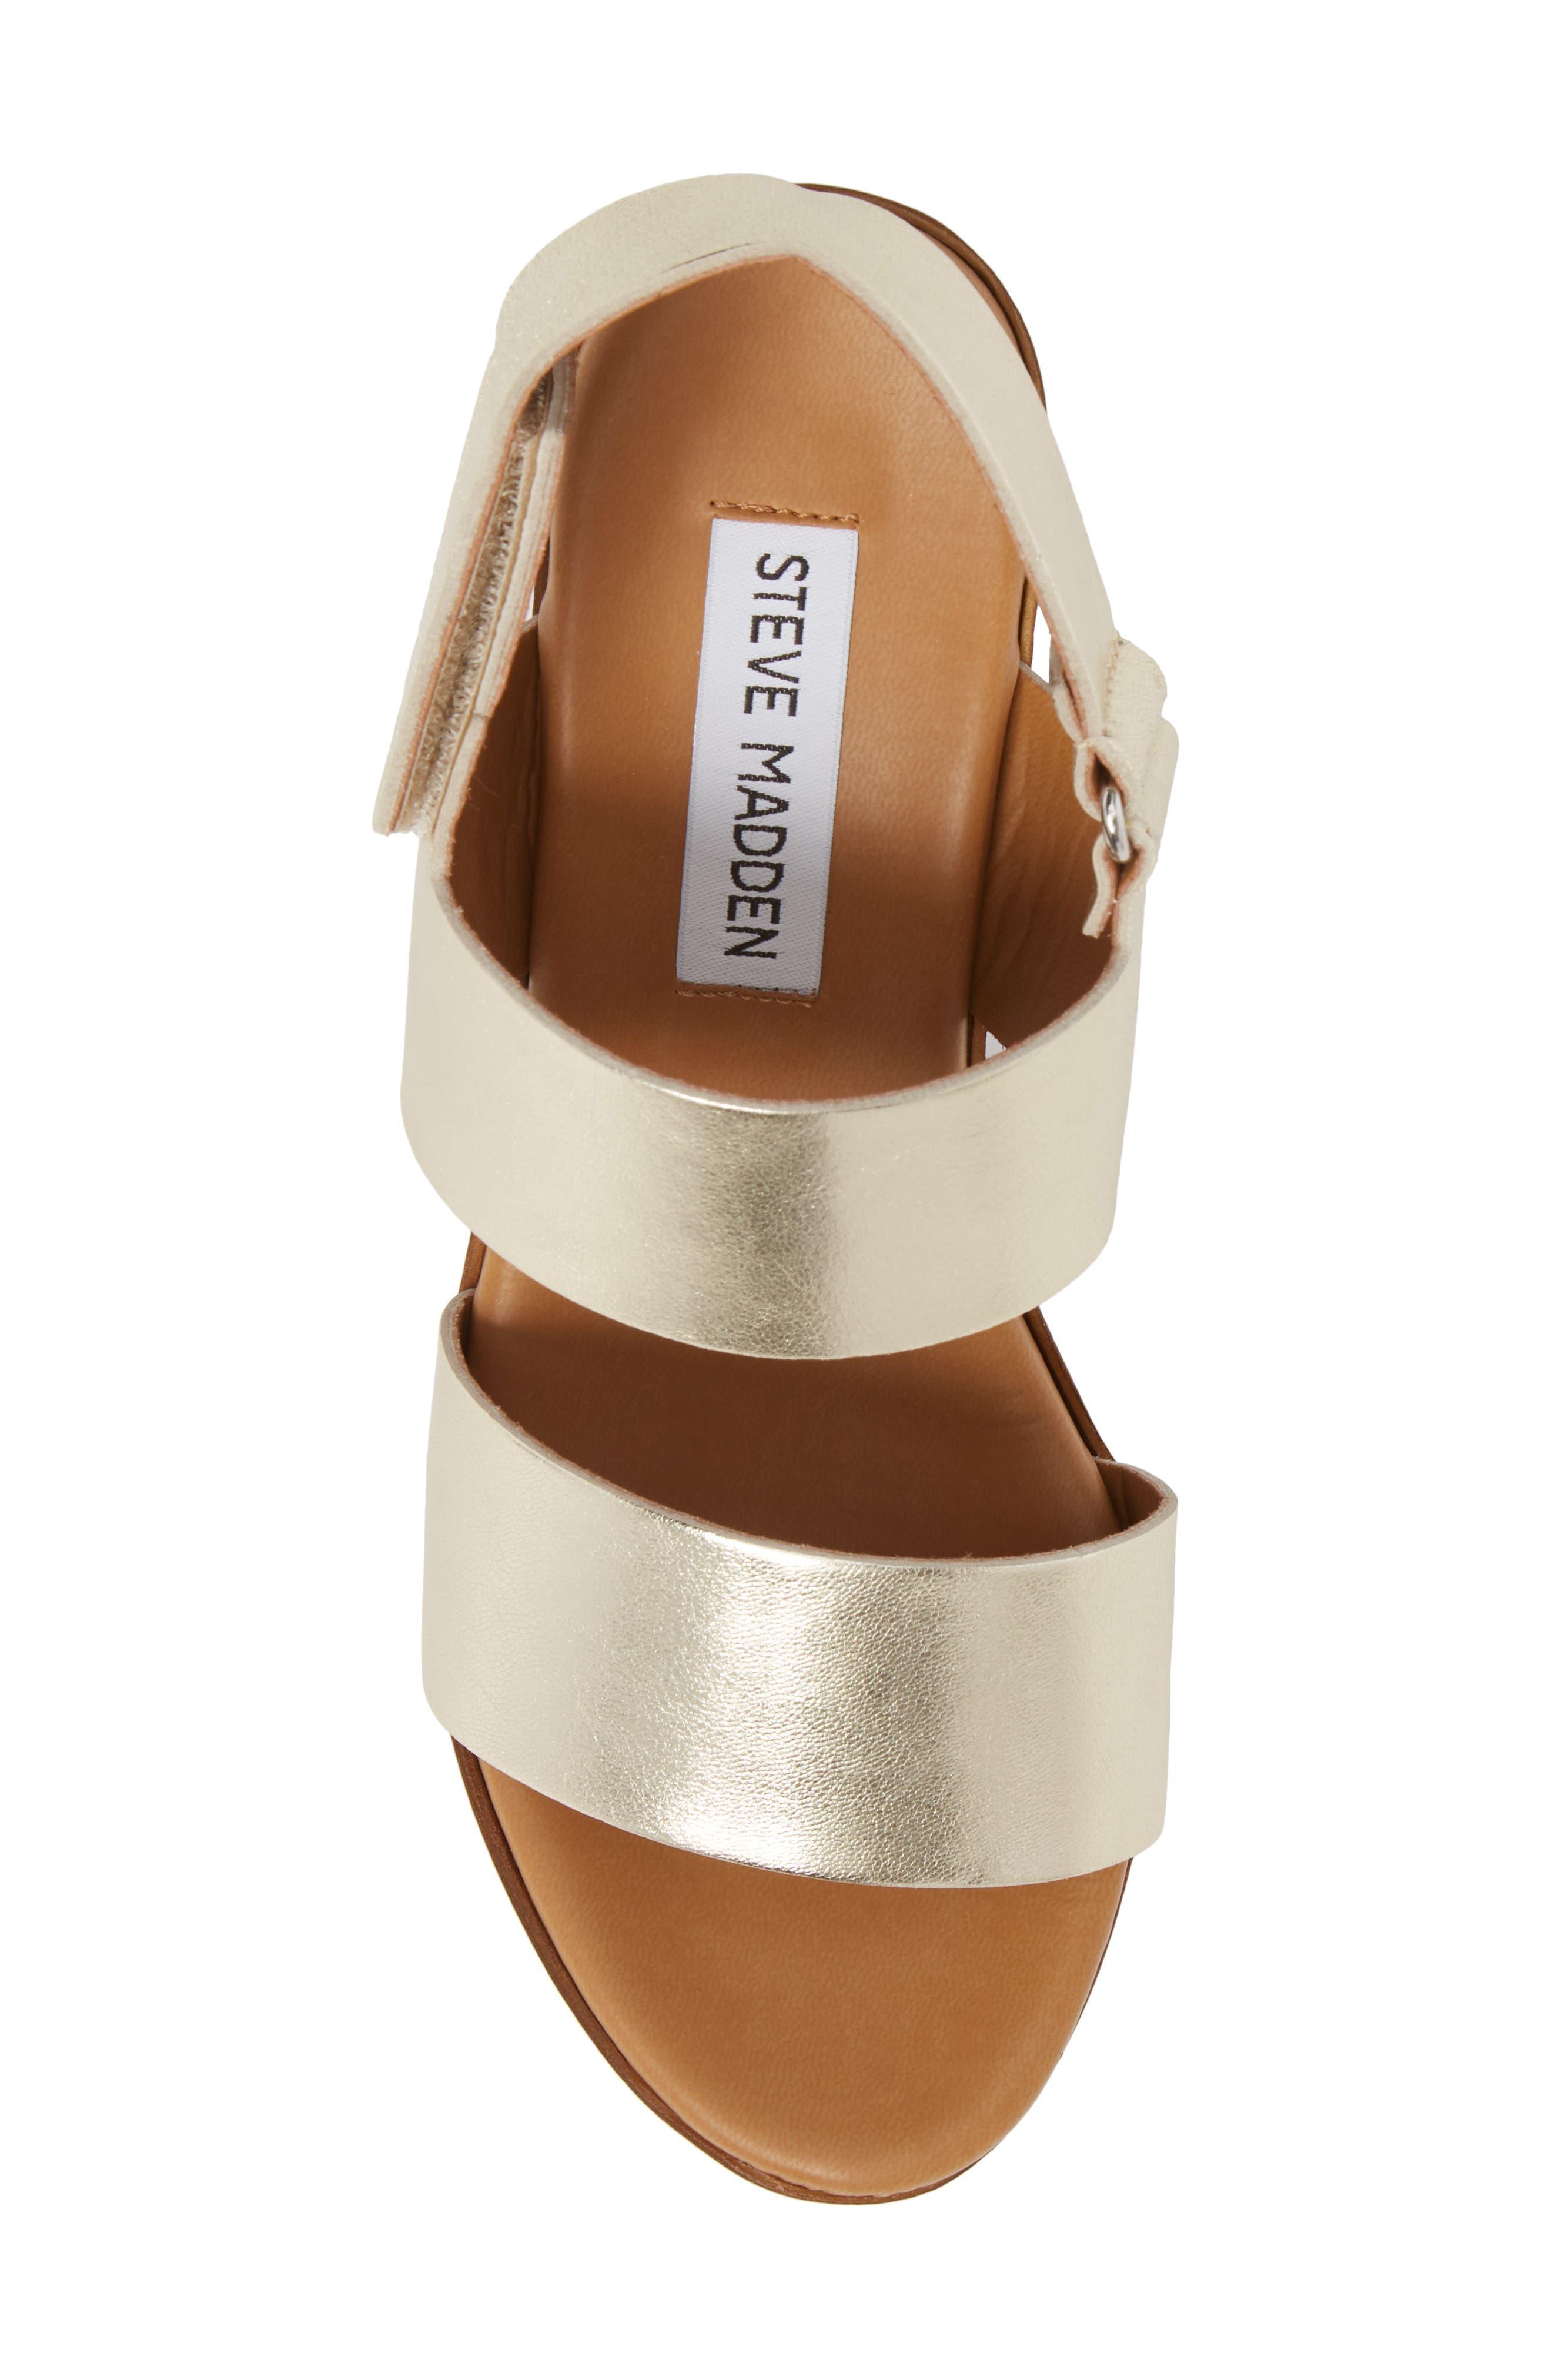 Marena Slingback Platform Sandal,                             Alternate thumbnail 5, color,                             Champagne